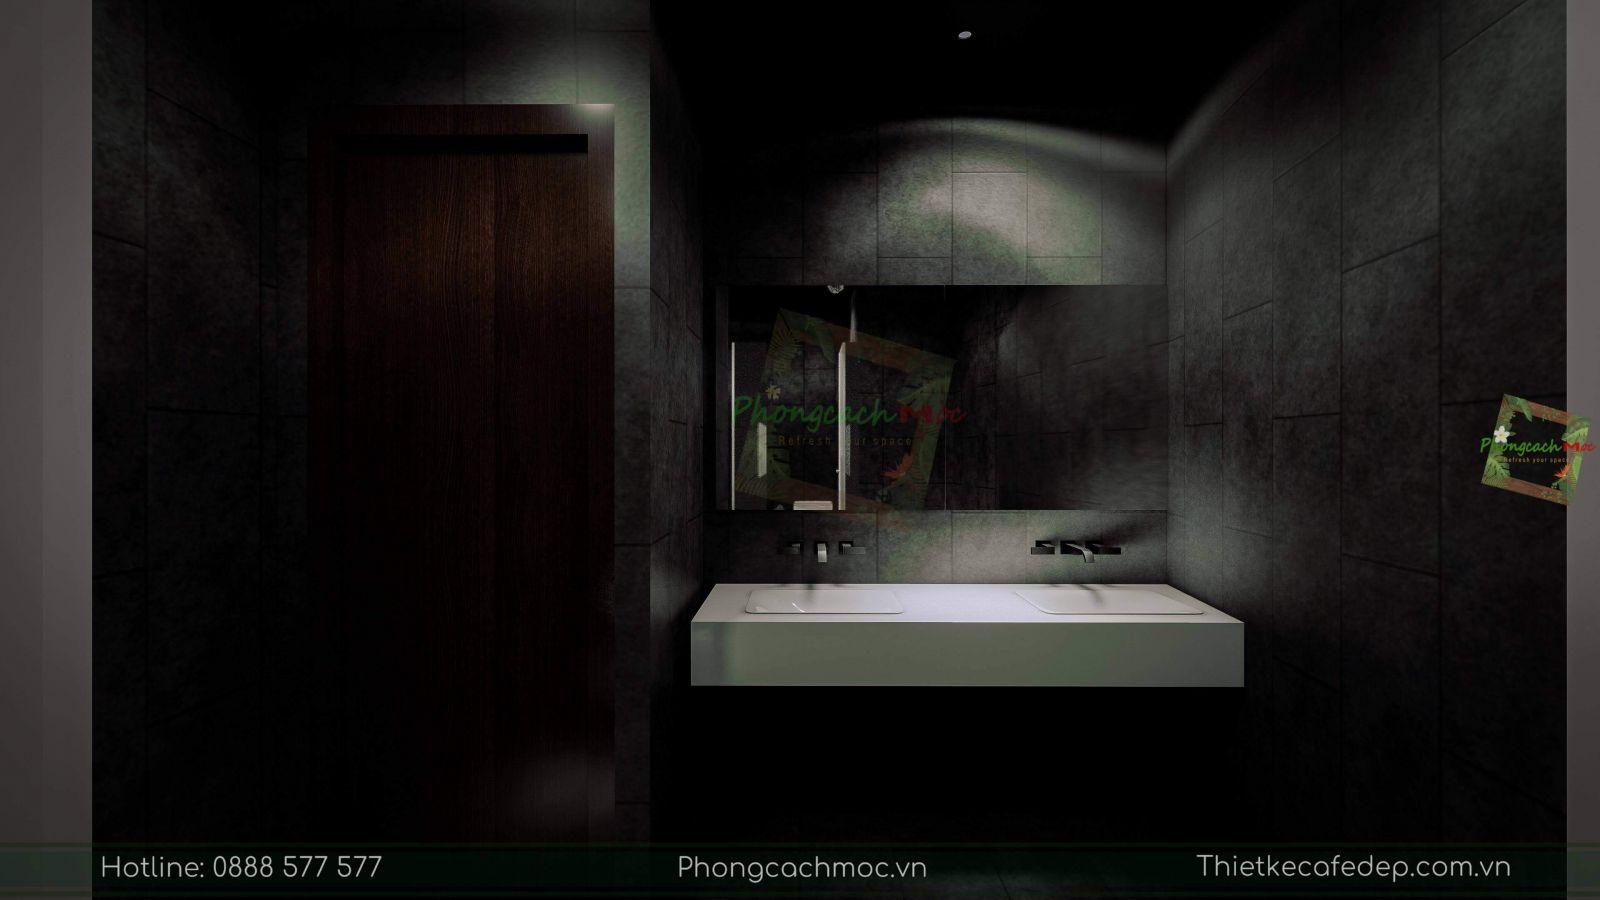 thiết kế nhà hàng trung hoa - không gian nhà vệ sinh - 4